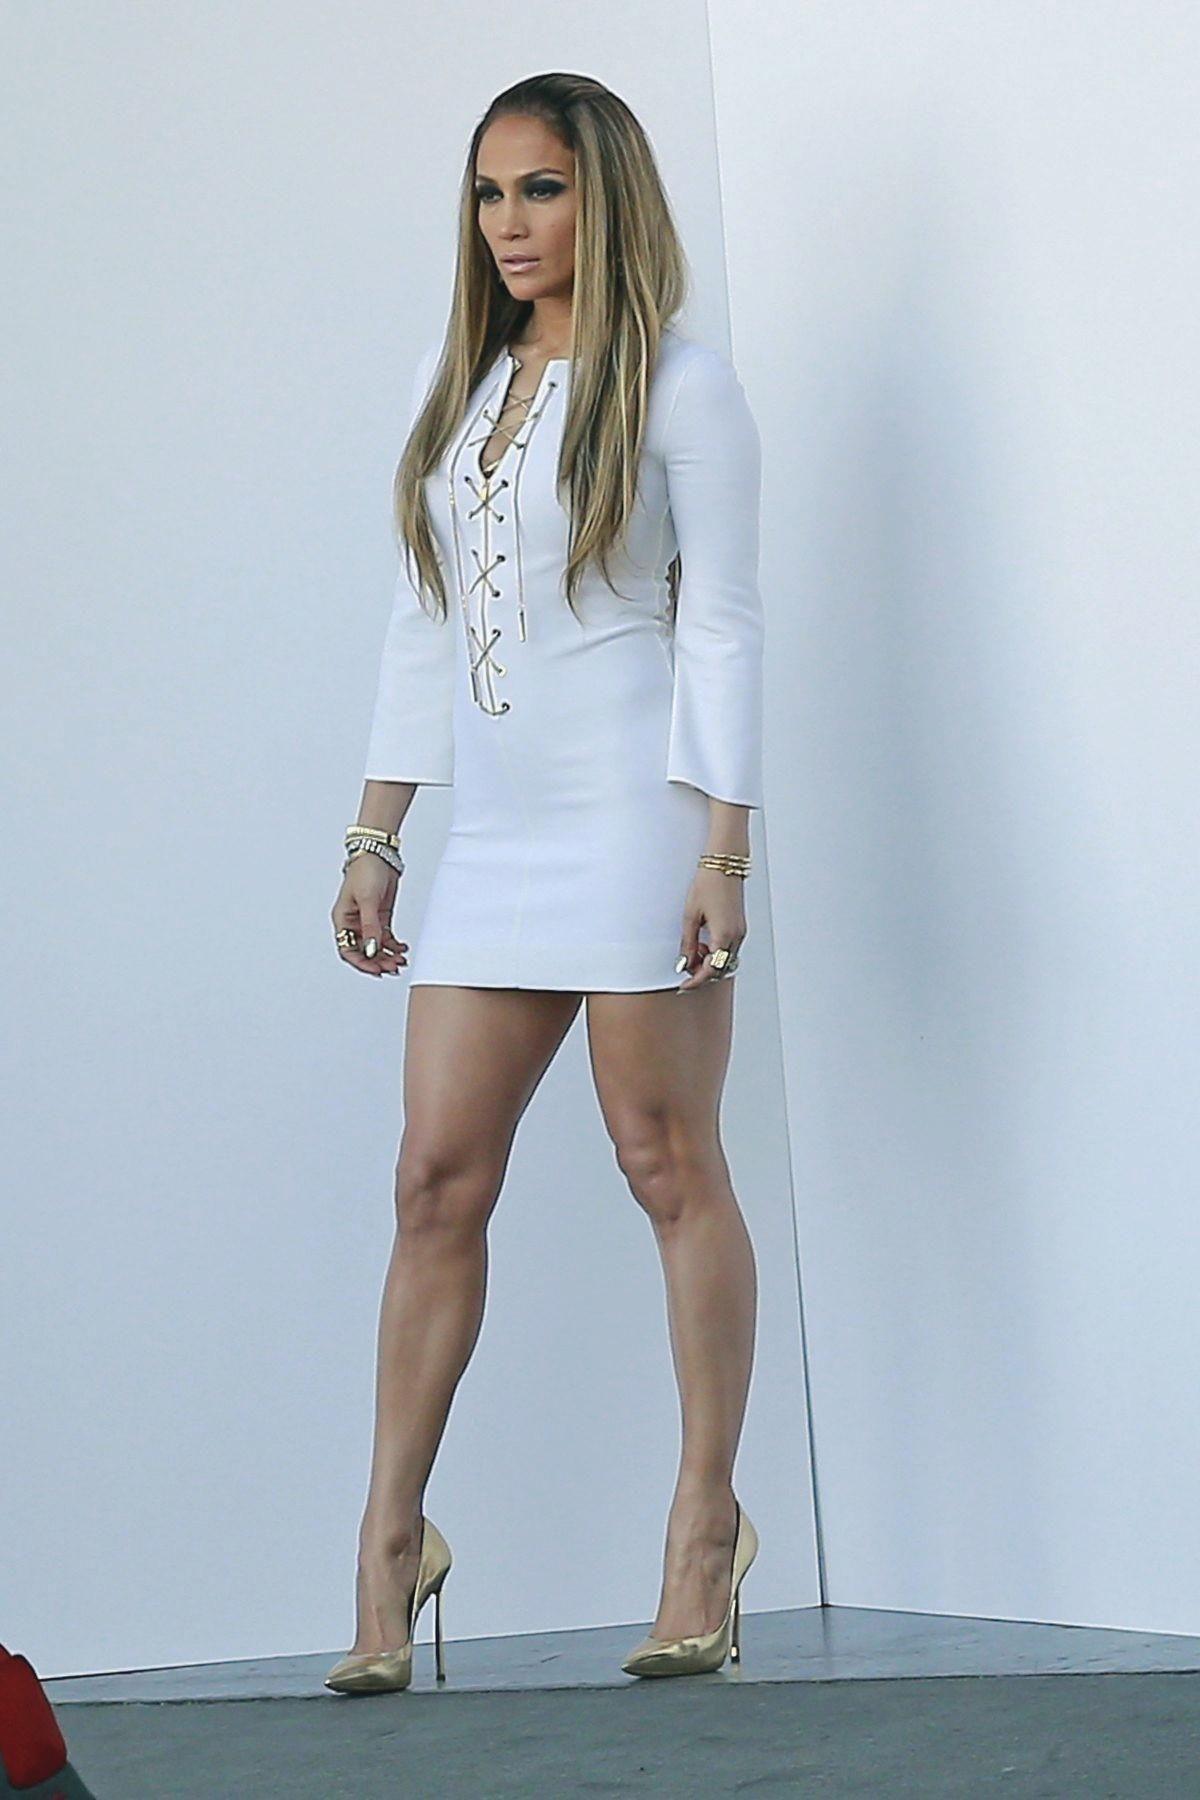 Pin By Tc Kasse On 11 - Celeb - Jennifer Lopez  Jennifer -3884